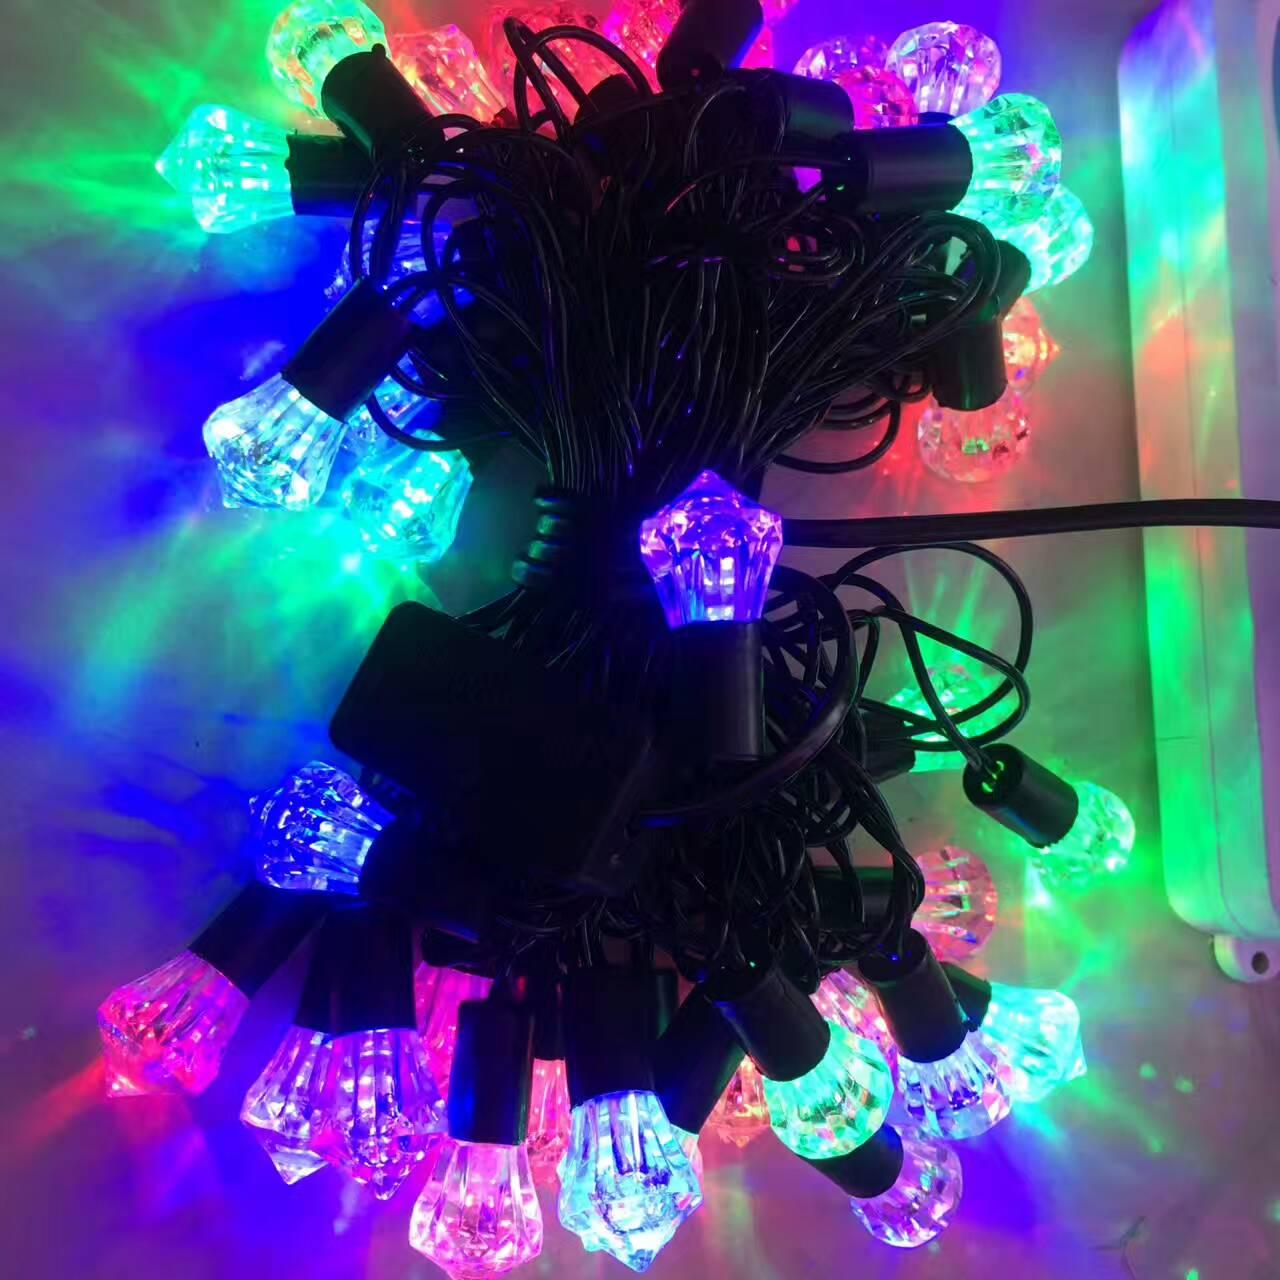 批发供应草坪装饰LED星星灯串  户外草坪专用星星灯串 批发供应草坪专用LED星星灯串